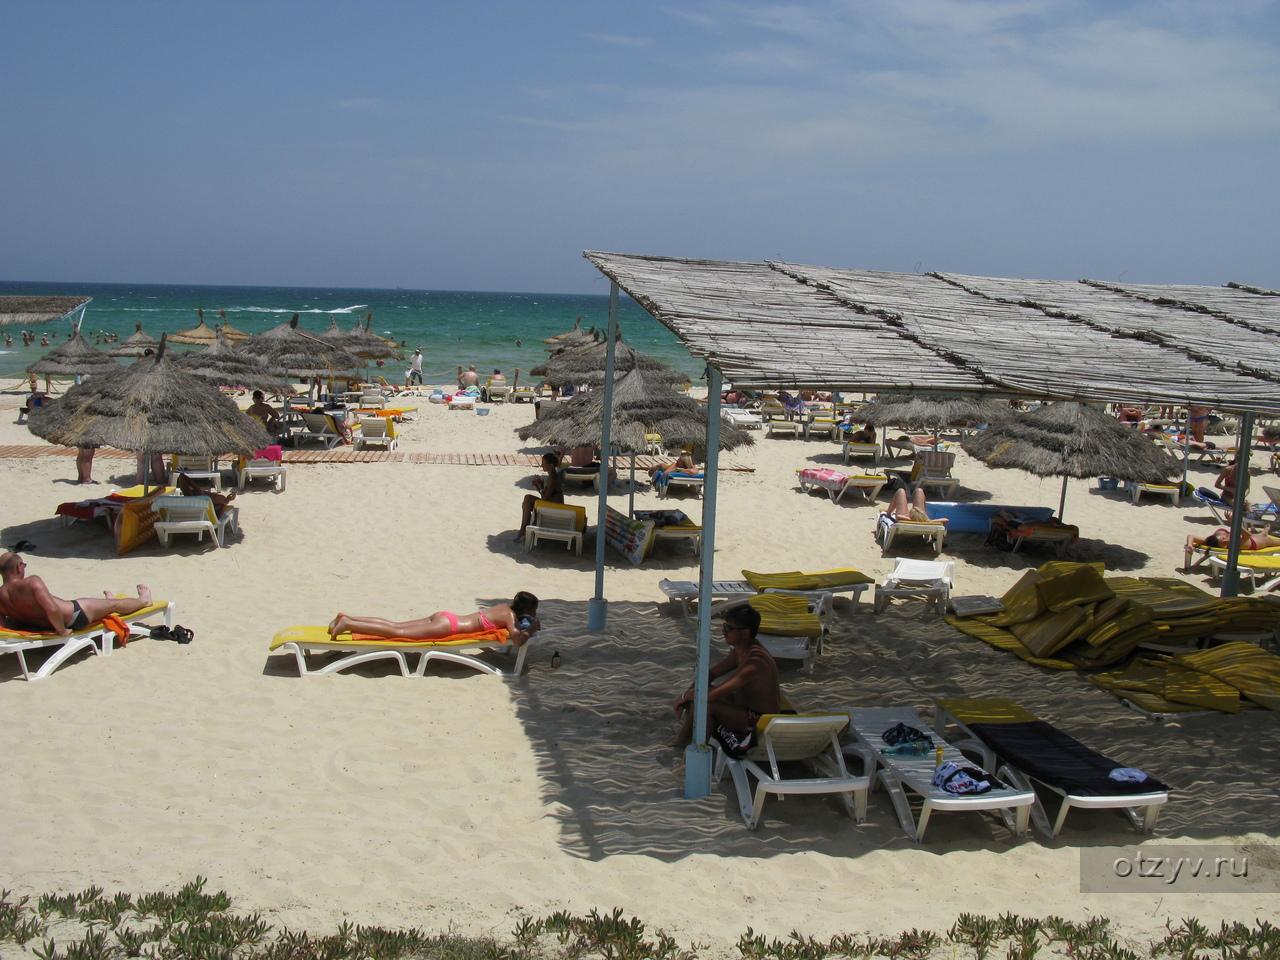 Отели тунис пляжи фото отзывы